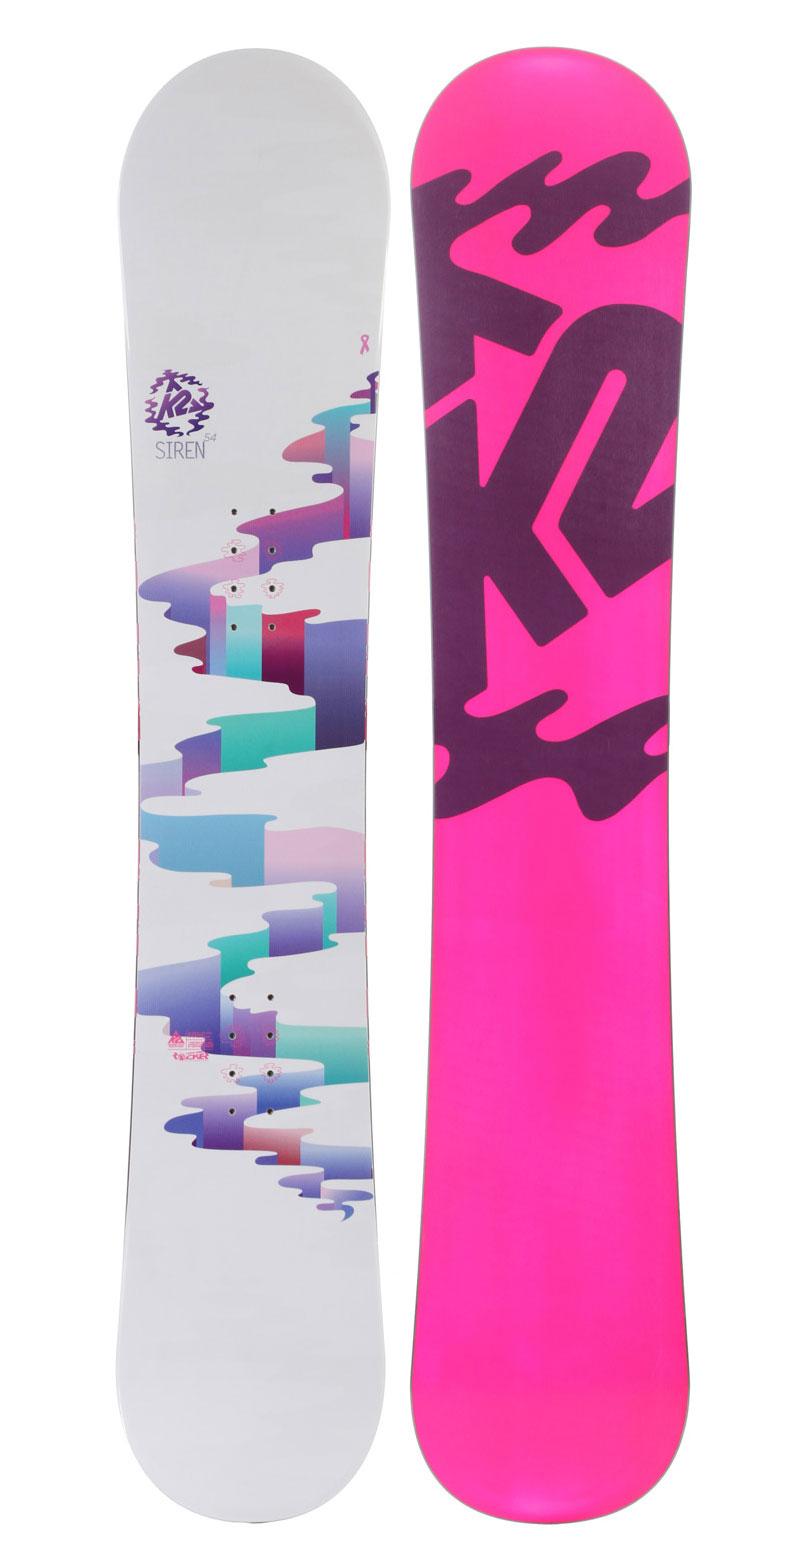 K2 Siren